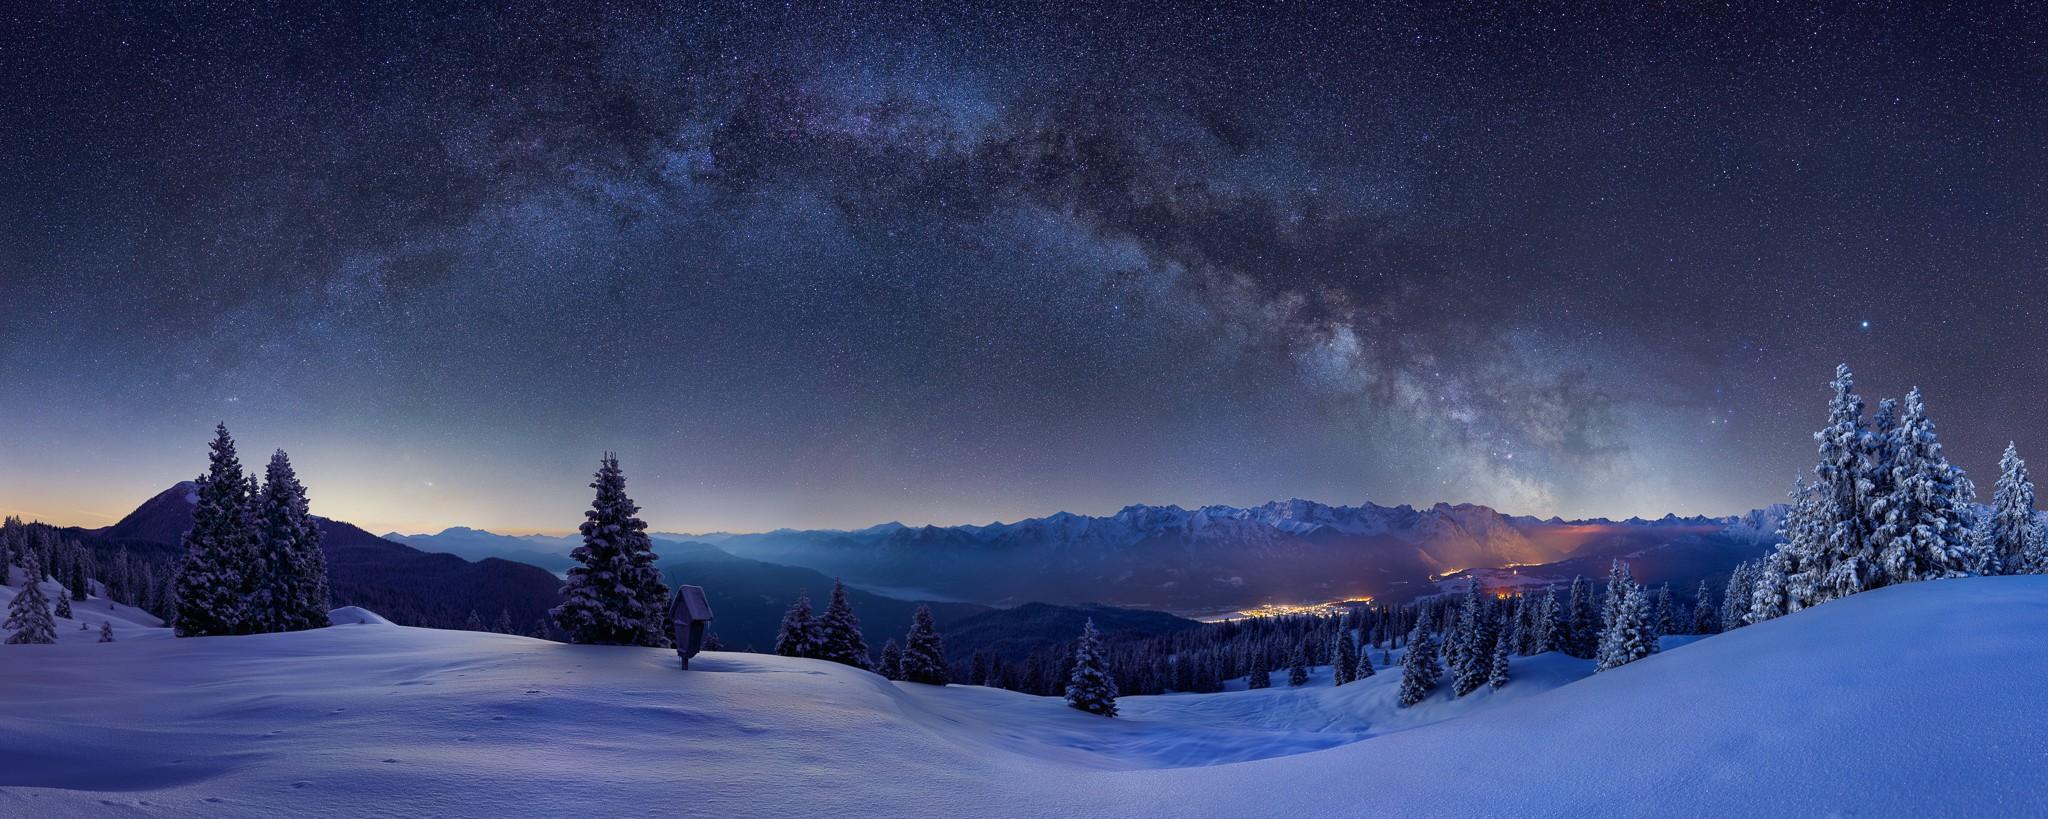 Im Bild ist die Milchstraße mit ihrem galaktischen Zentrum auf der rechten Seite zu sehen. Im Vordergrund ist die Wallgauer Alm. Panorama